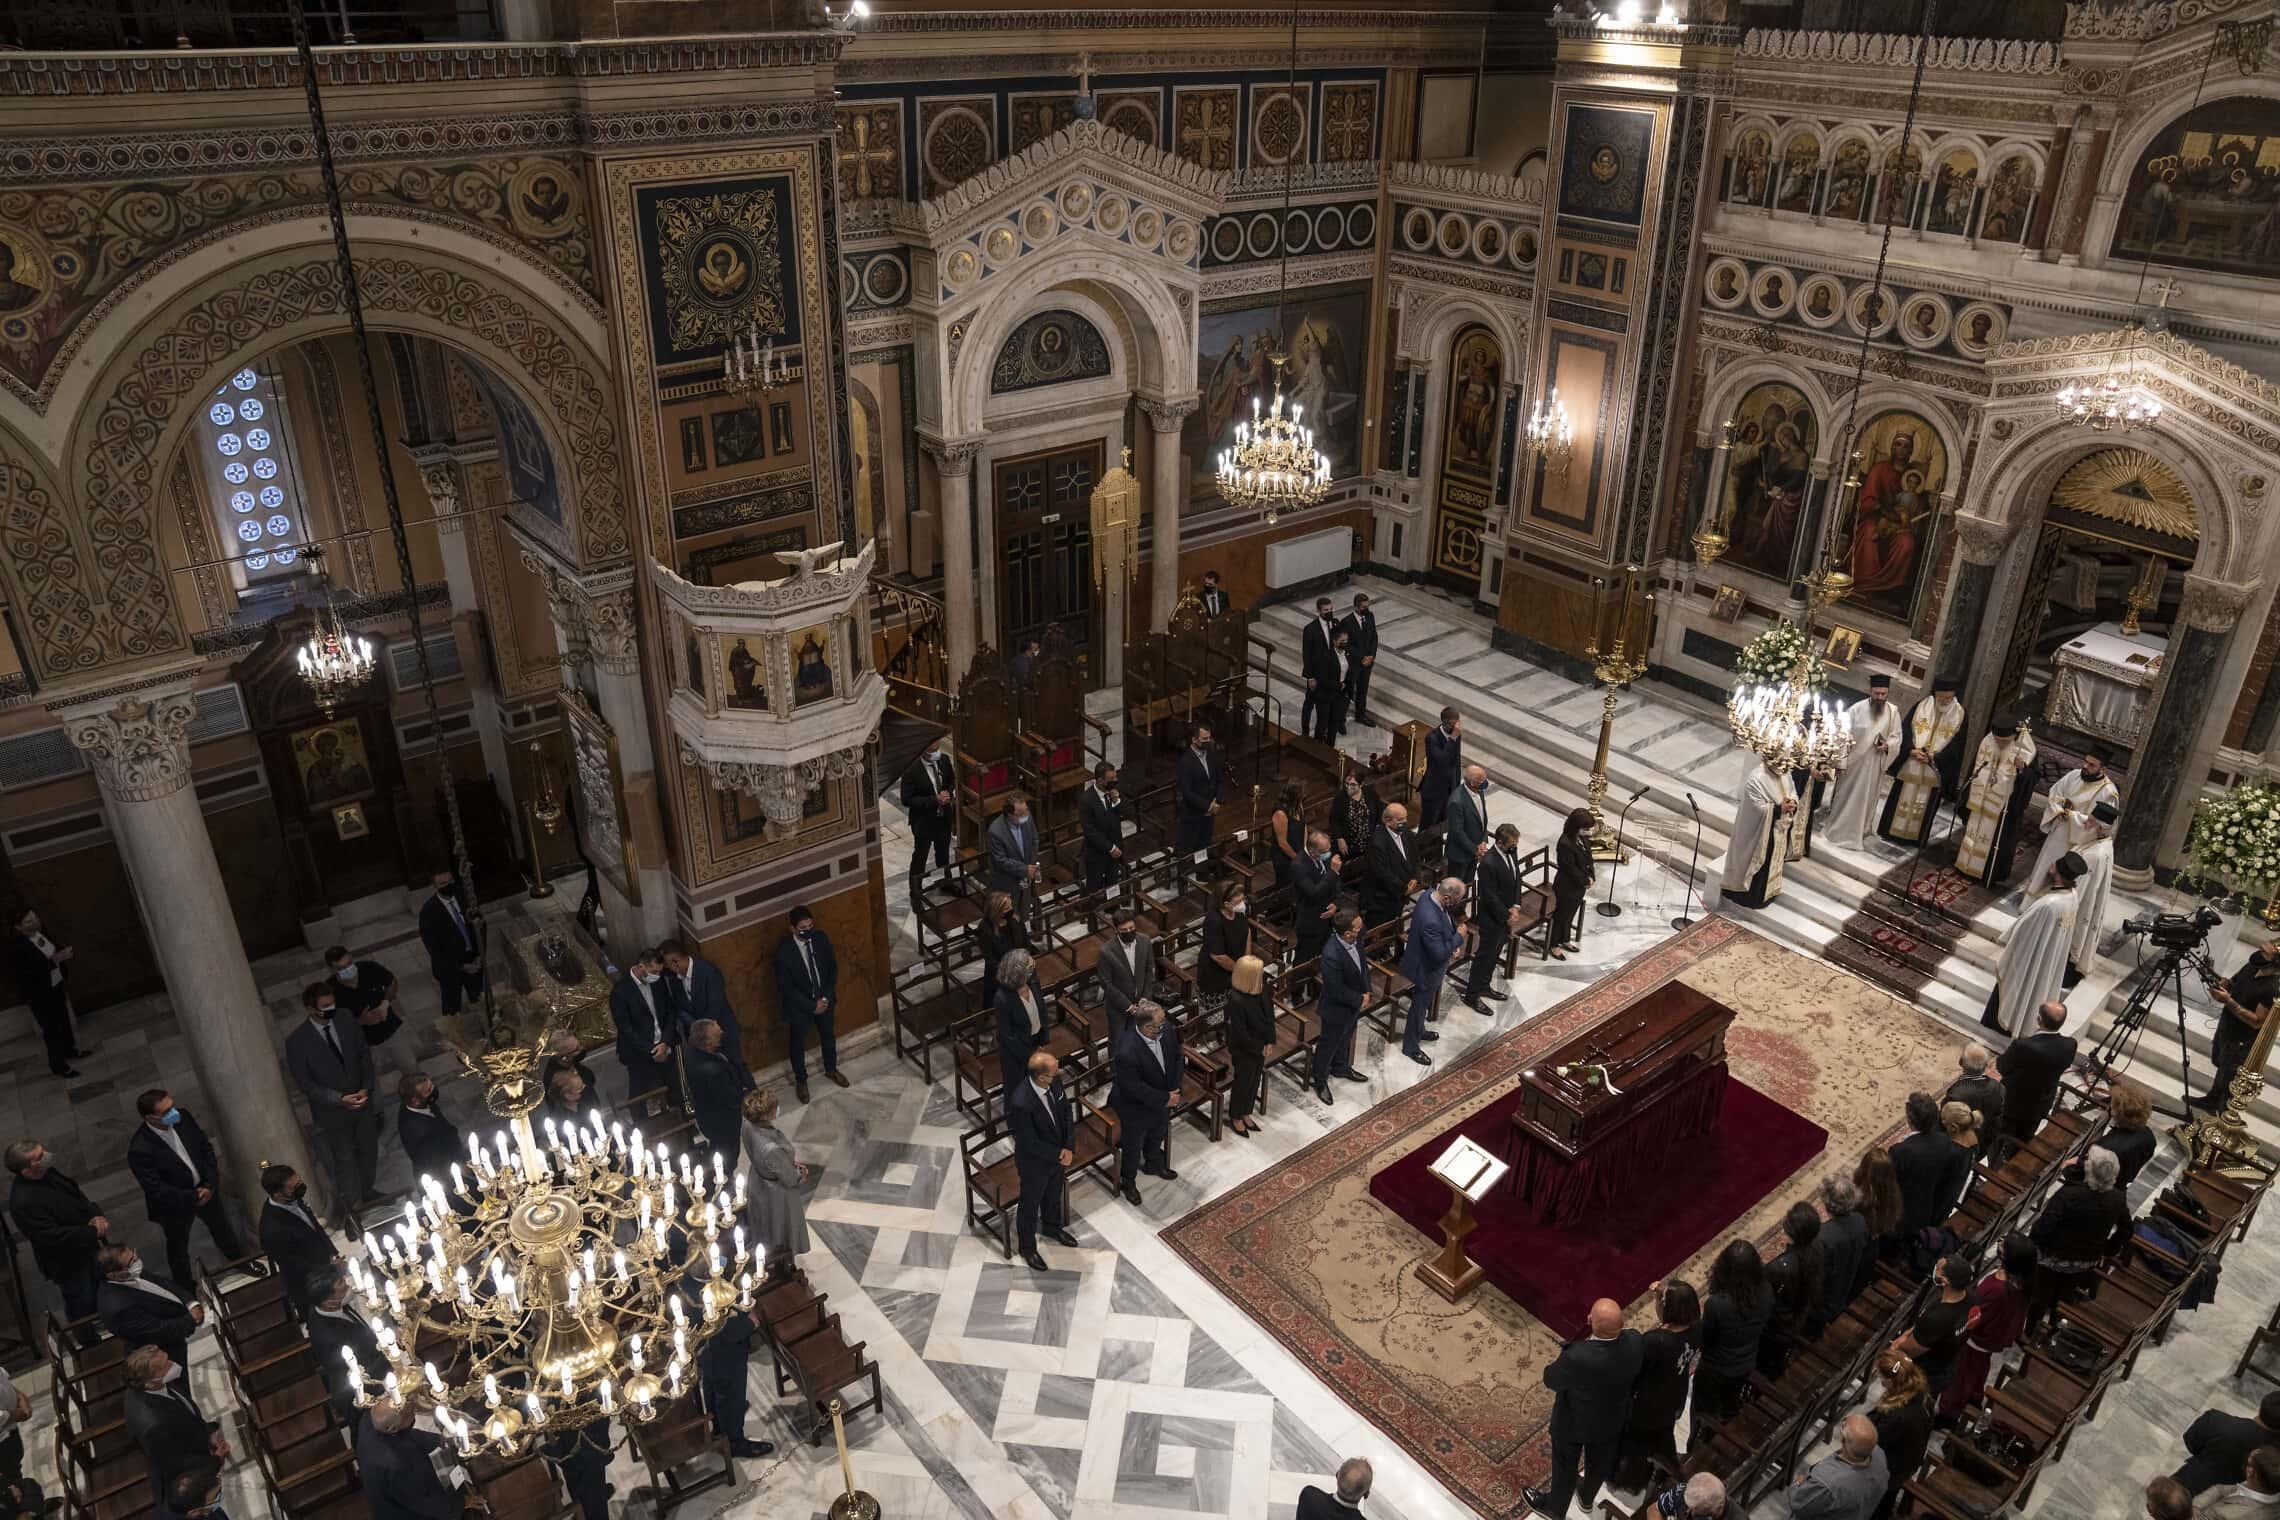 הלווייתו של מיקיס תאודוראקיס בקתדרלה באתונה, 8 בספטמבר 2021 (צילום: AP Photo/Petros Giannakouris)